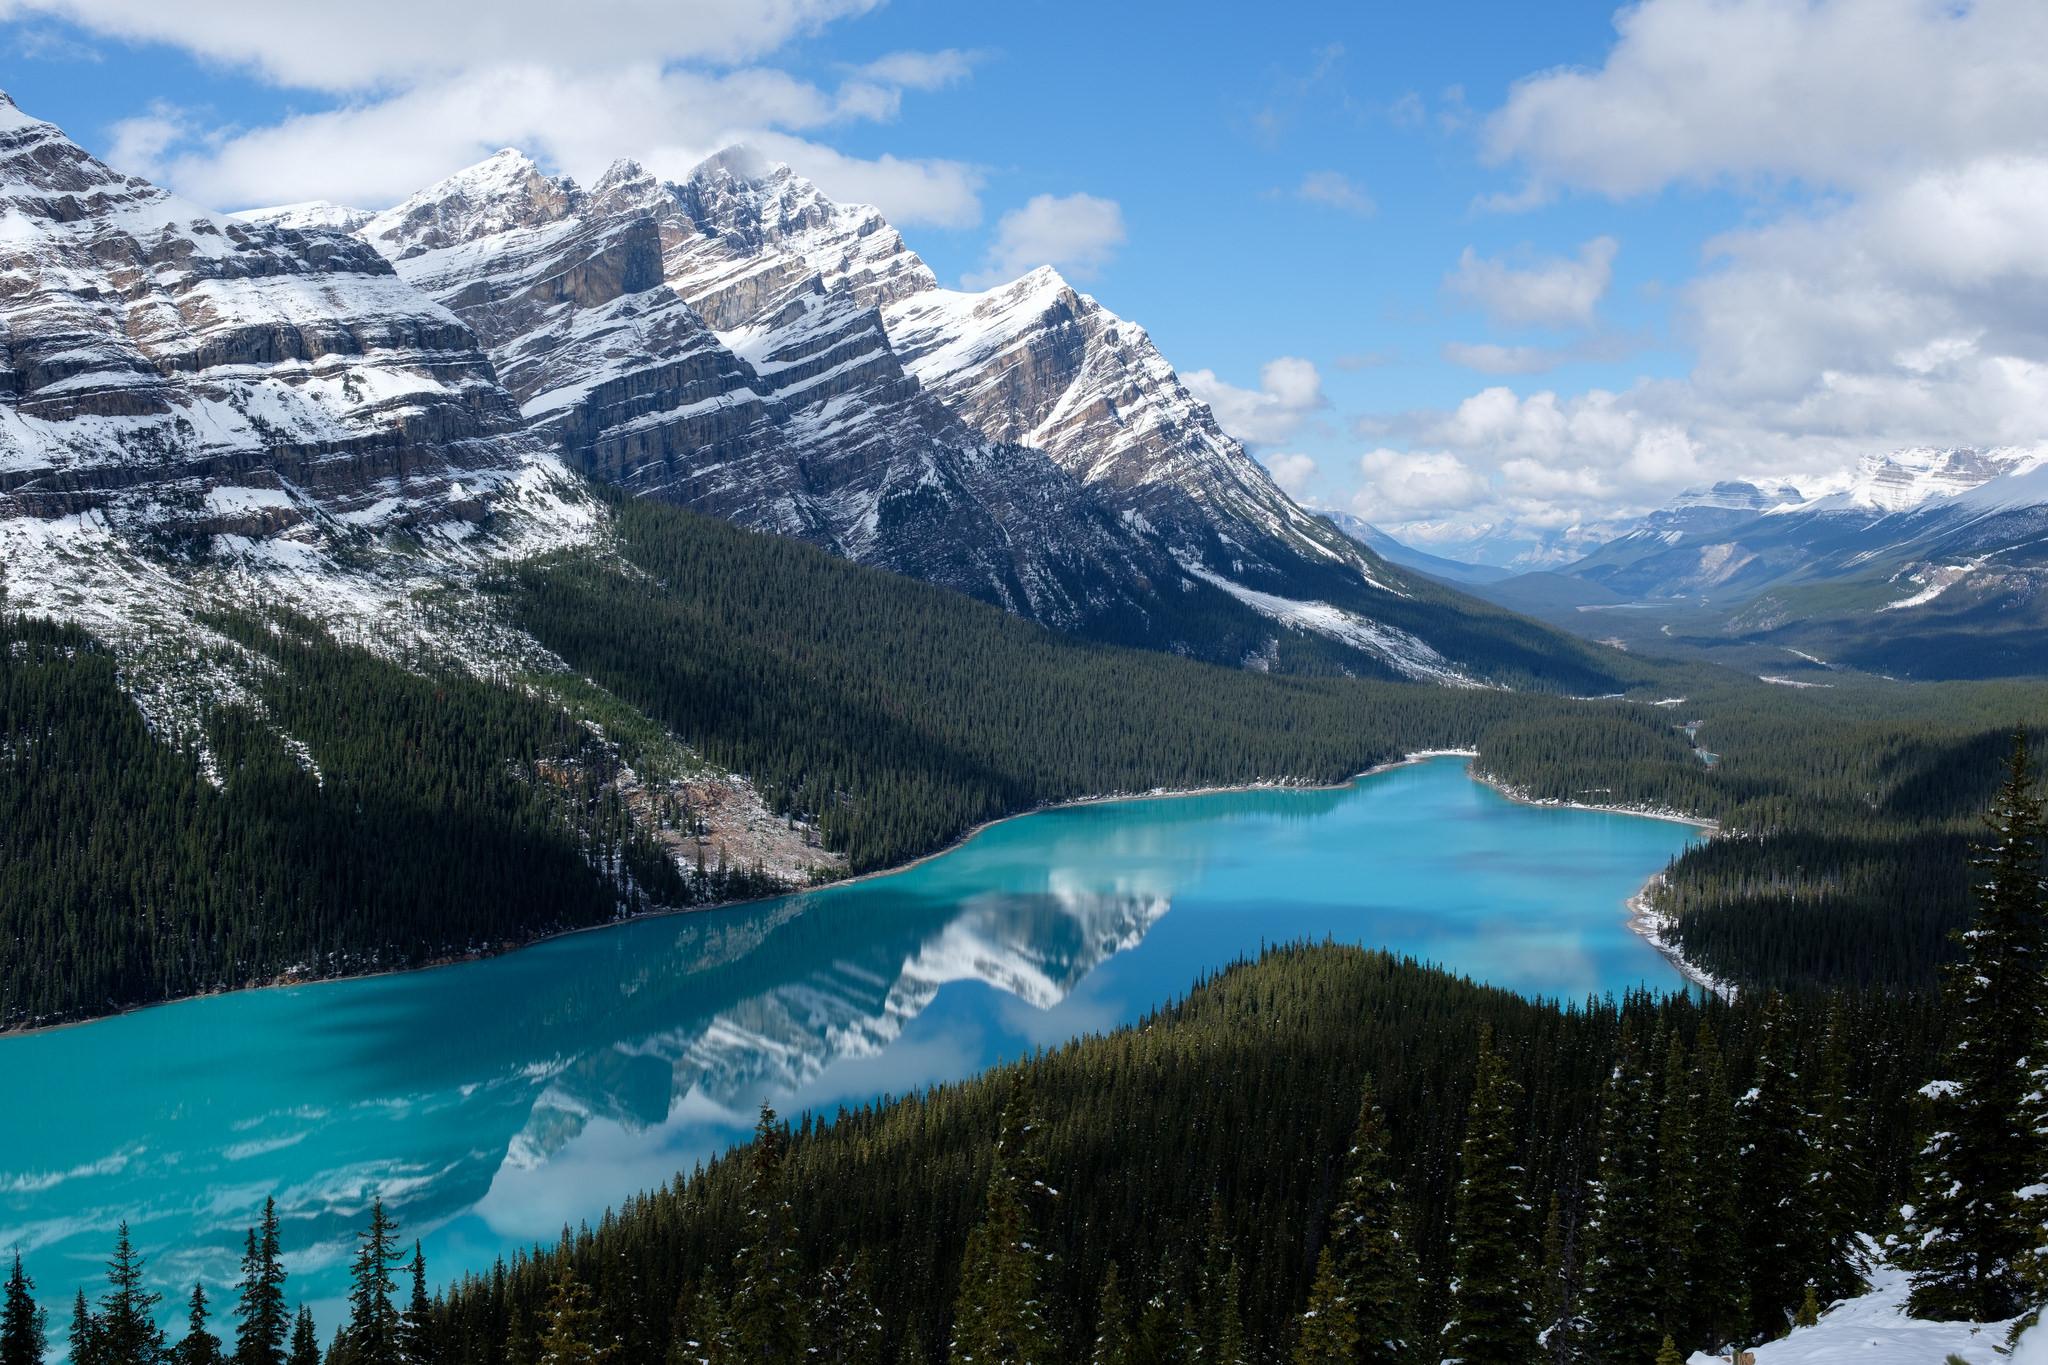 обои Peyto Lake, Canada, горы, озеро картинки фото